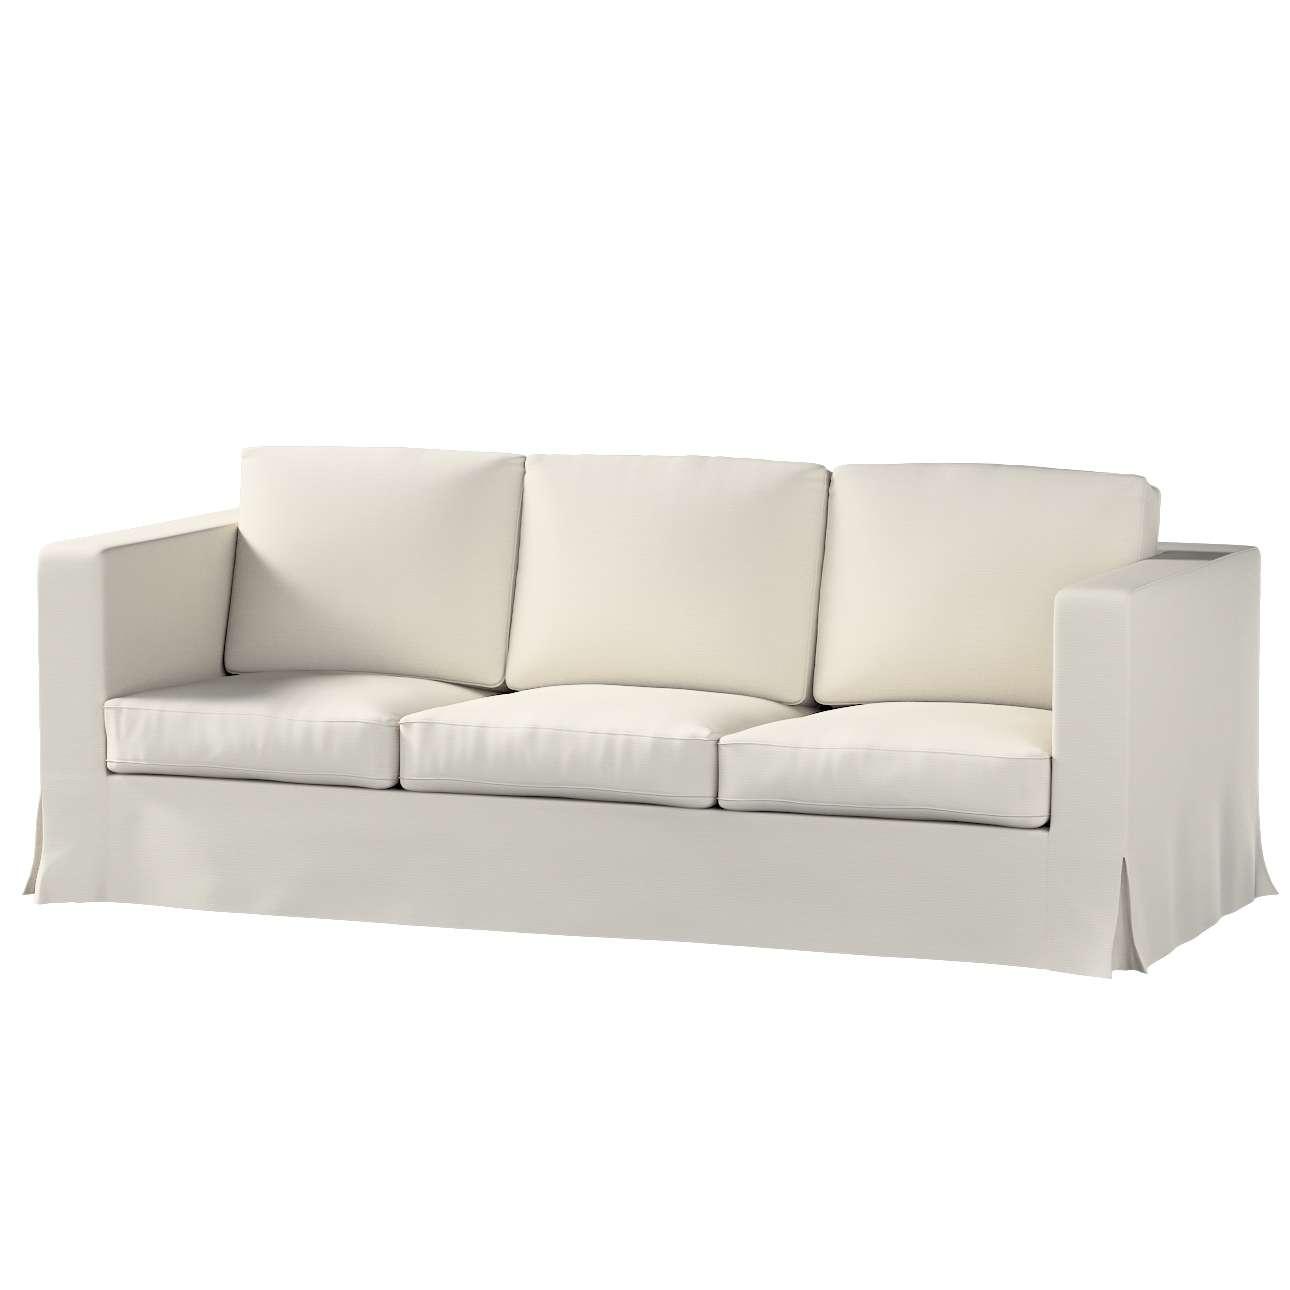 Pokrowiec na sofę Karlanda 3-osobową nierozkładaną, długi Sofa Karlanda 3-os w kolekcji Cotton Panama, tkanina: 702-31